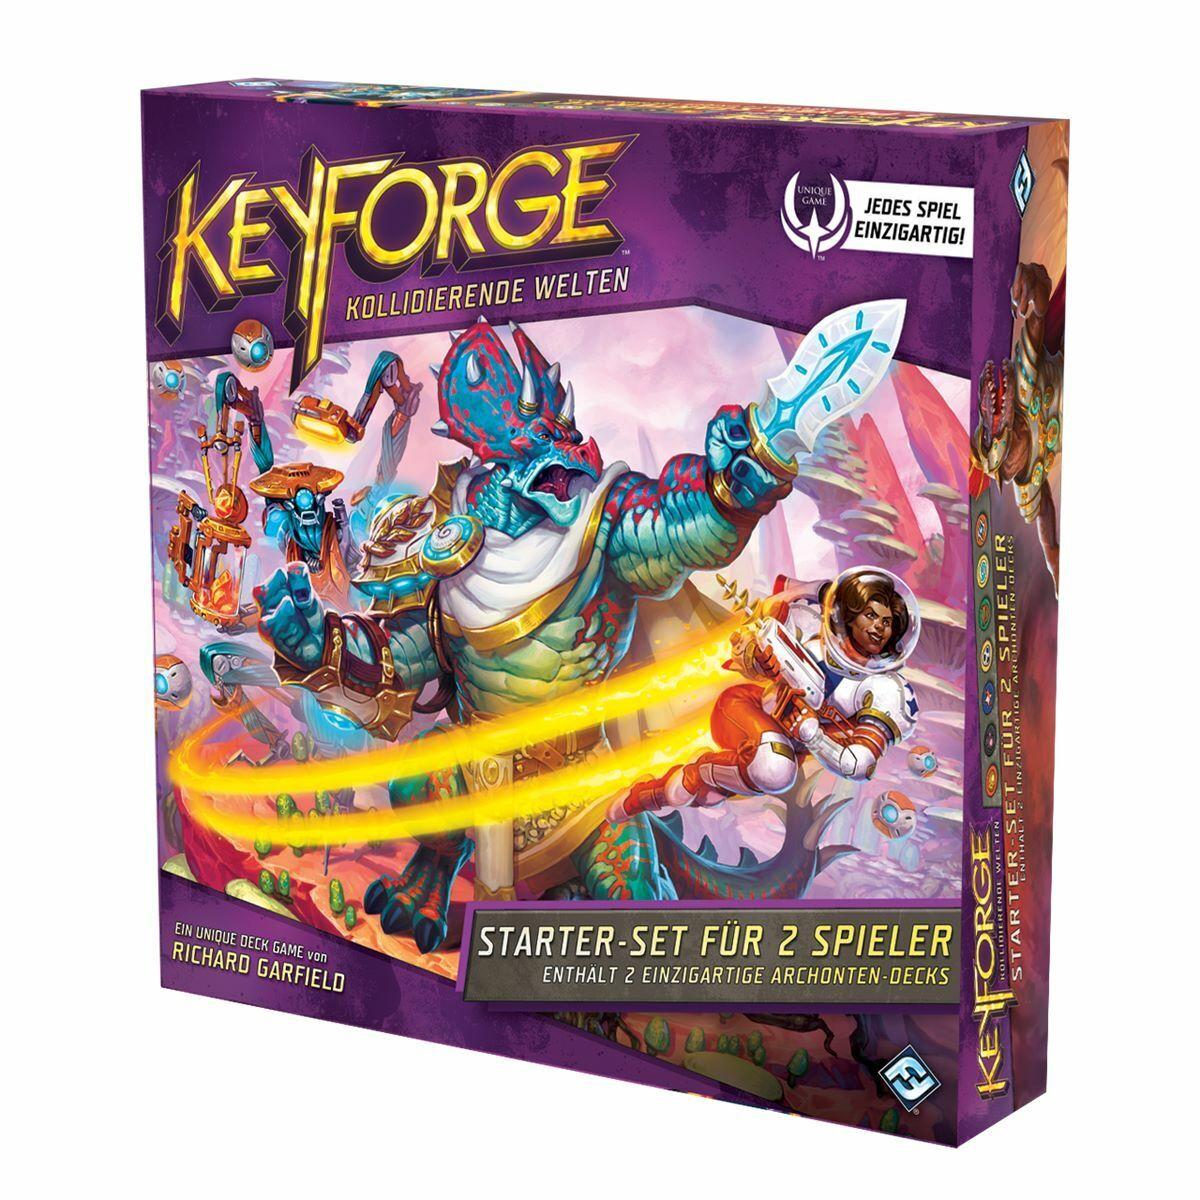 Kollidierende Welten Starter-Set Keyforge